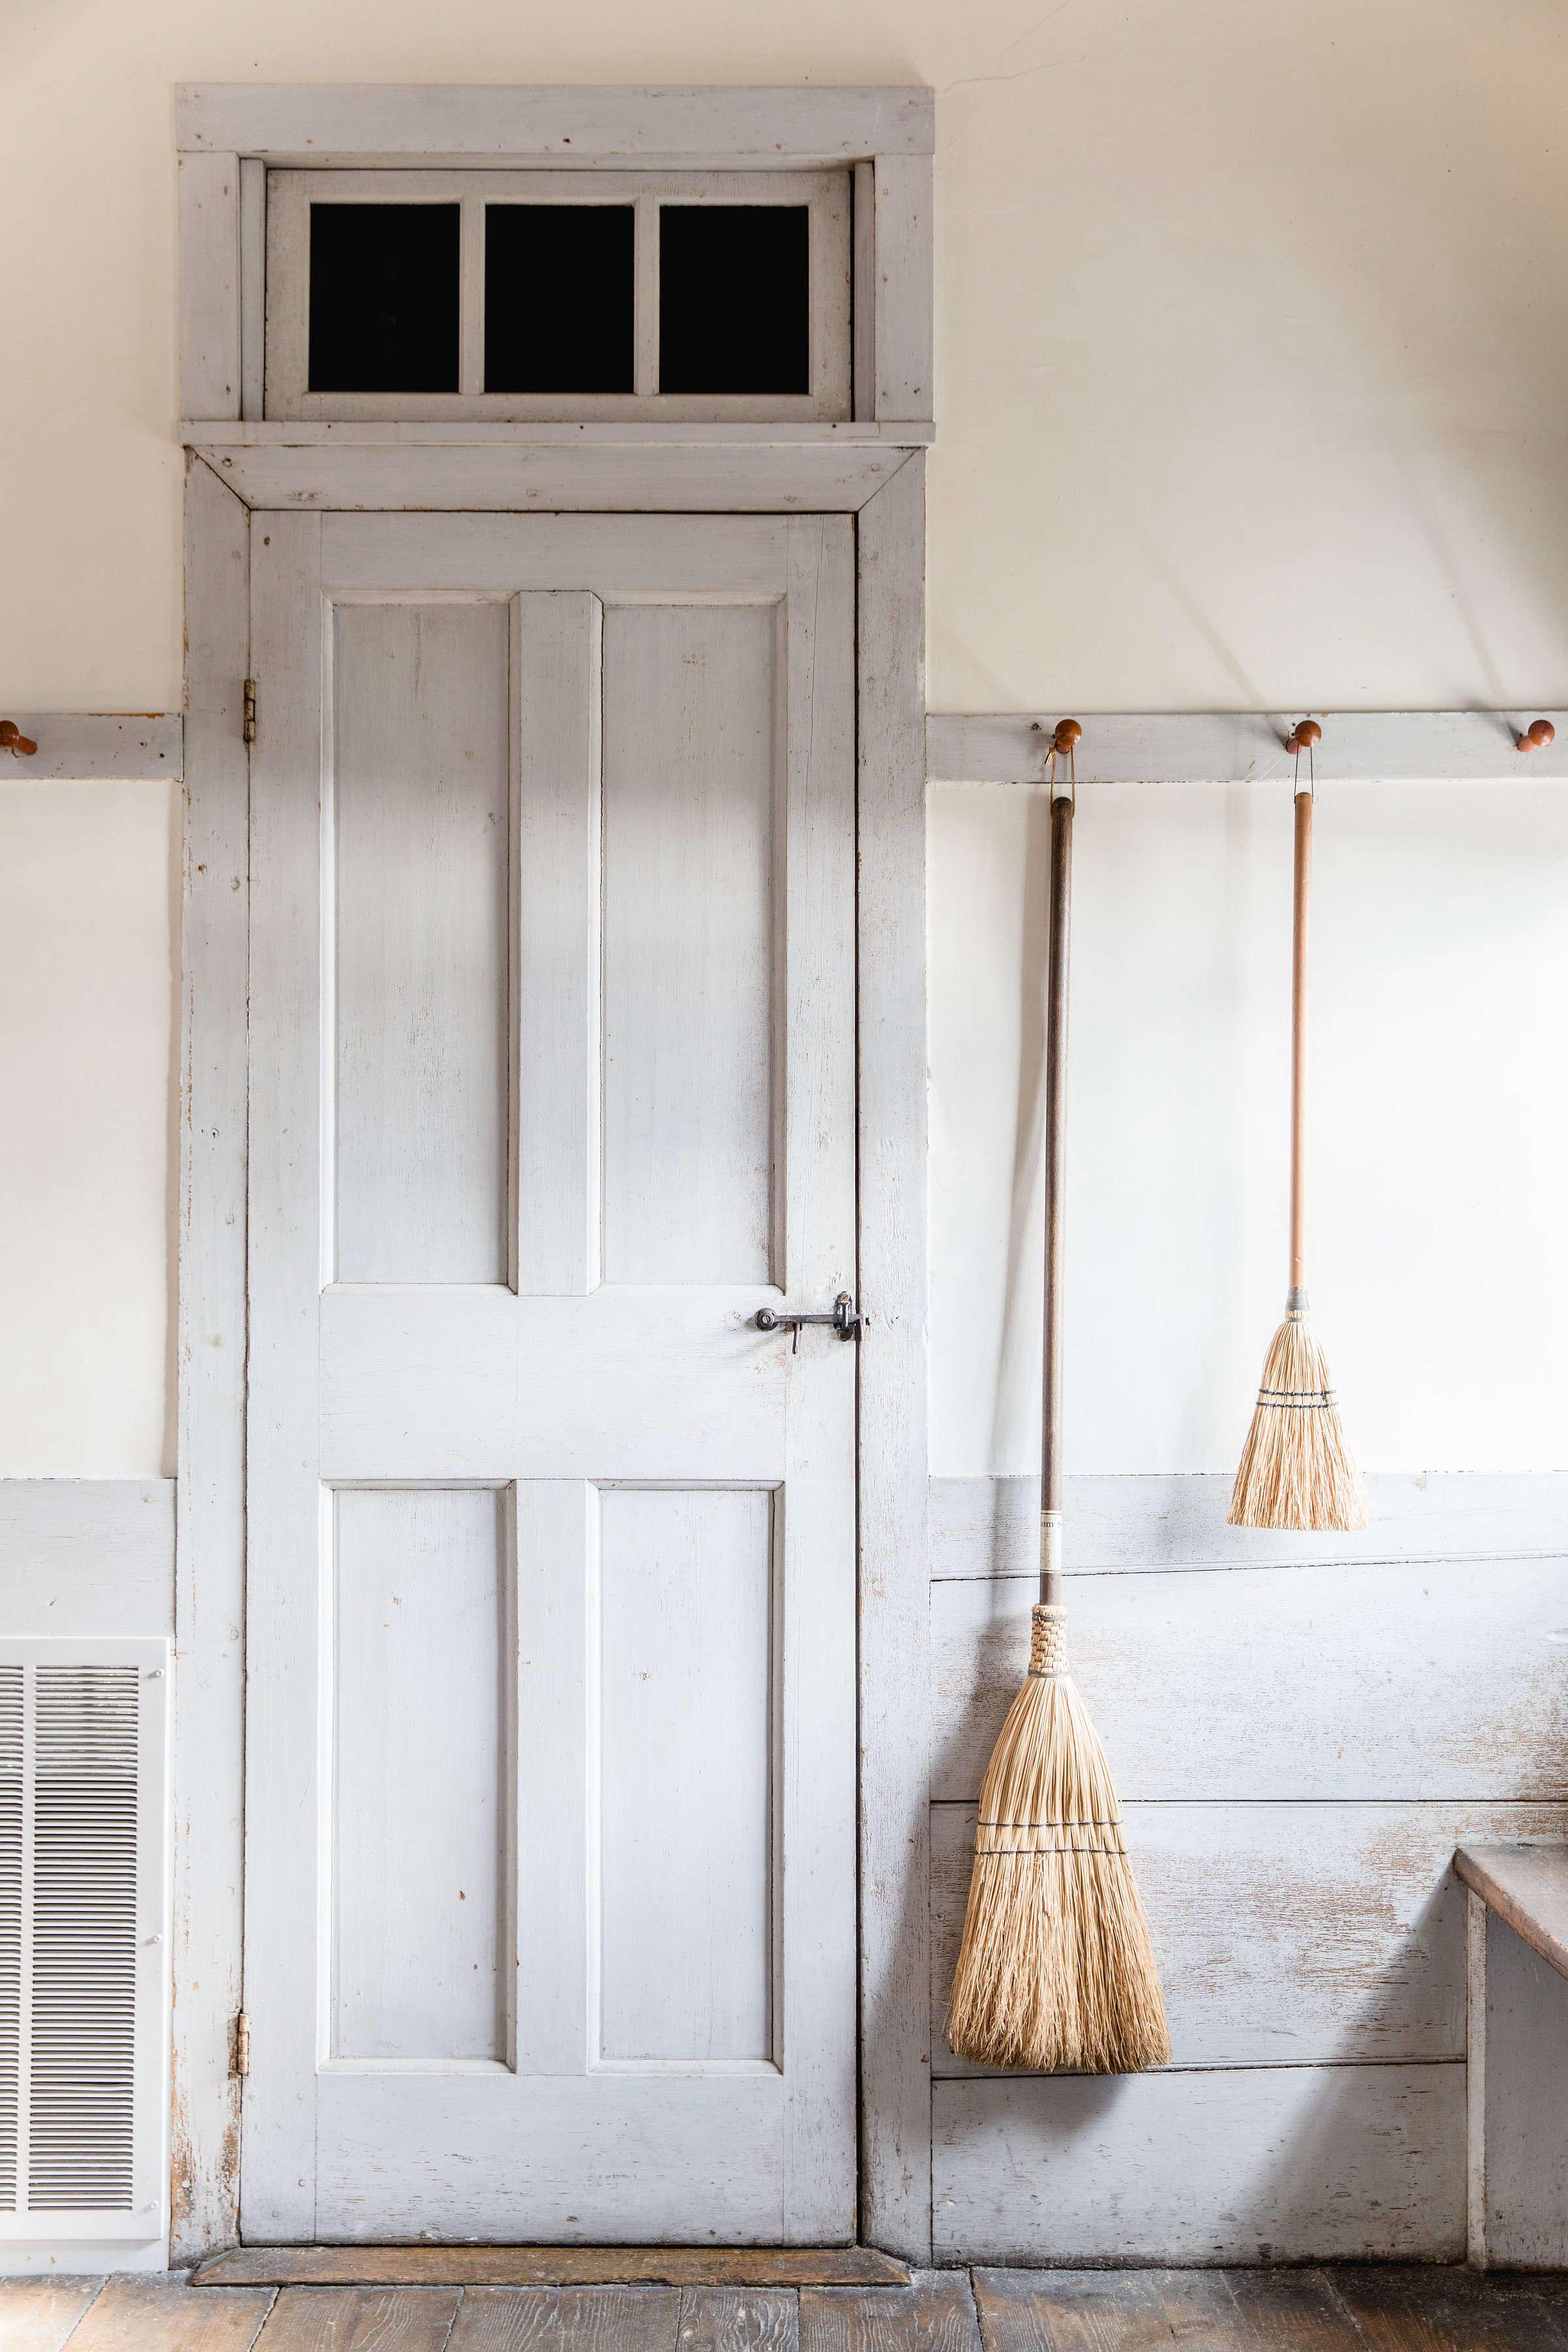 Ziemlich Shaker Küchentüren Irland Galerie - Küchenschrank Ideen ...